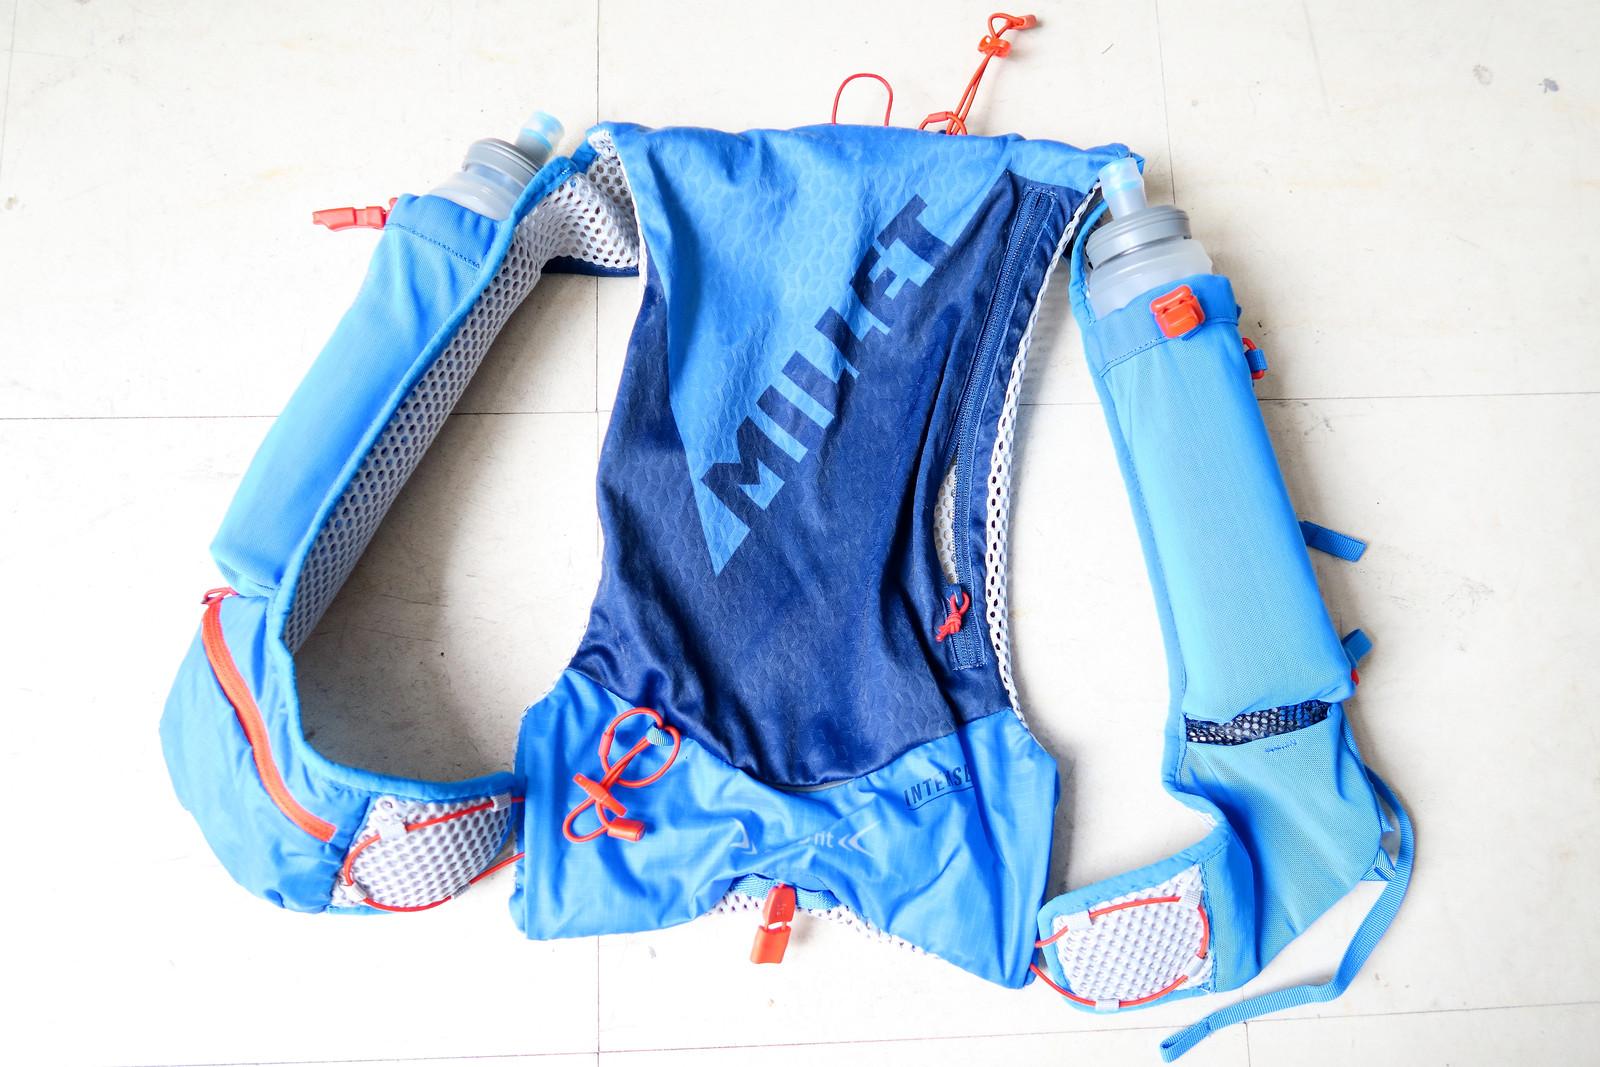 dbae821a6ca62 La gamme de sac de trail Millet est assez récente, alors même que la marque  est un acteur historique de la montagne et de la randonnée, ...